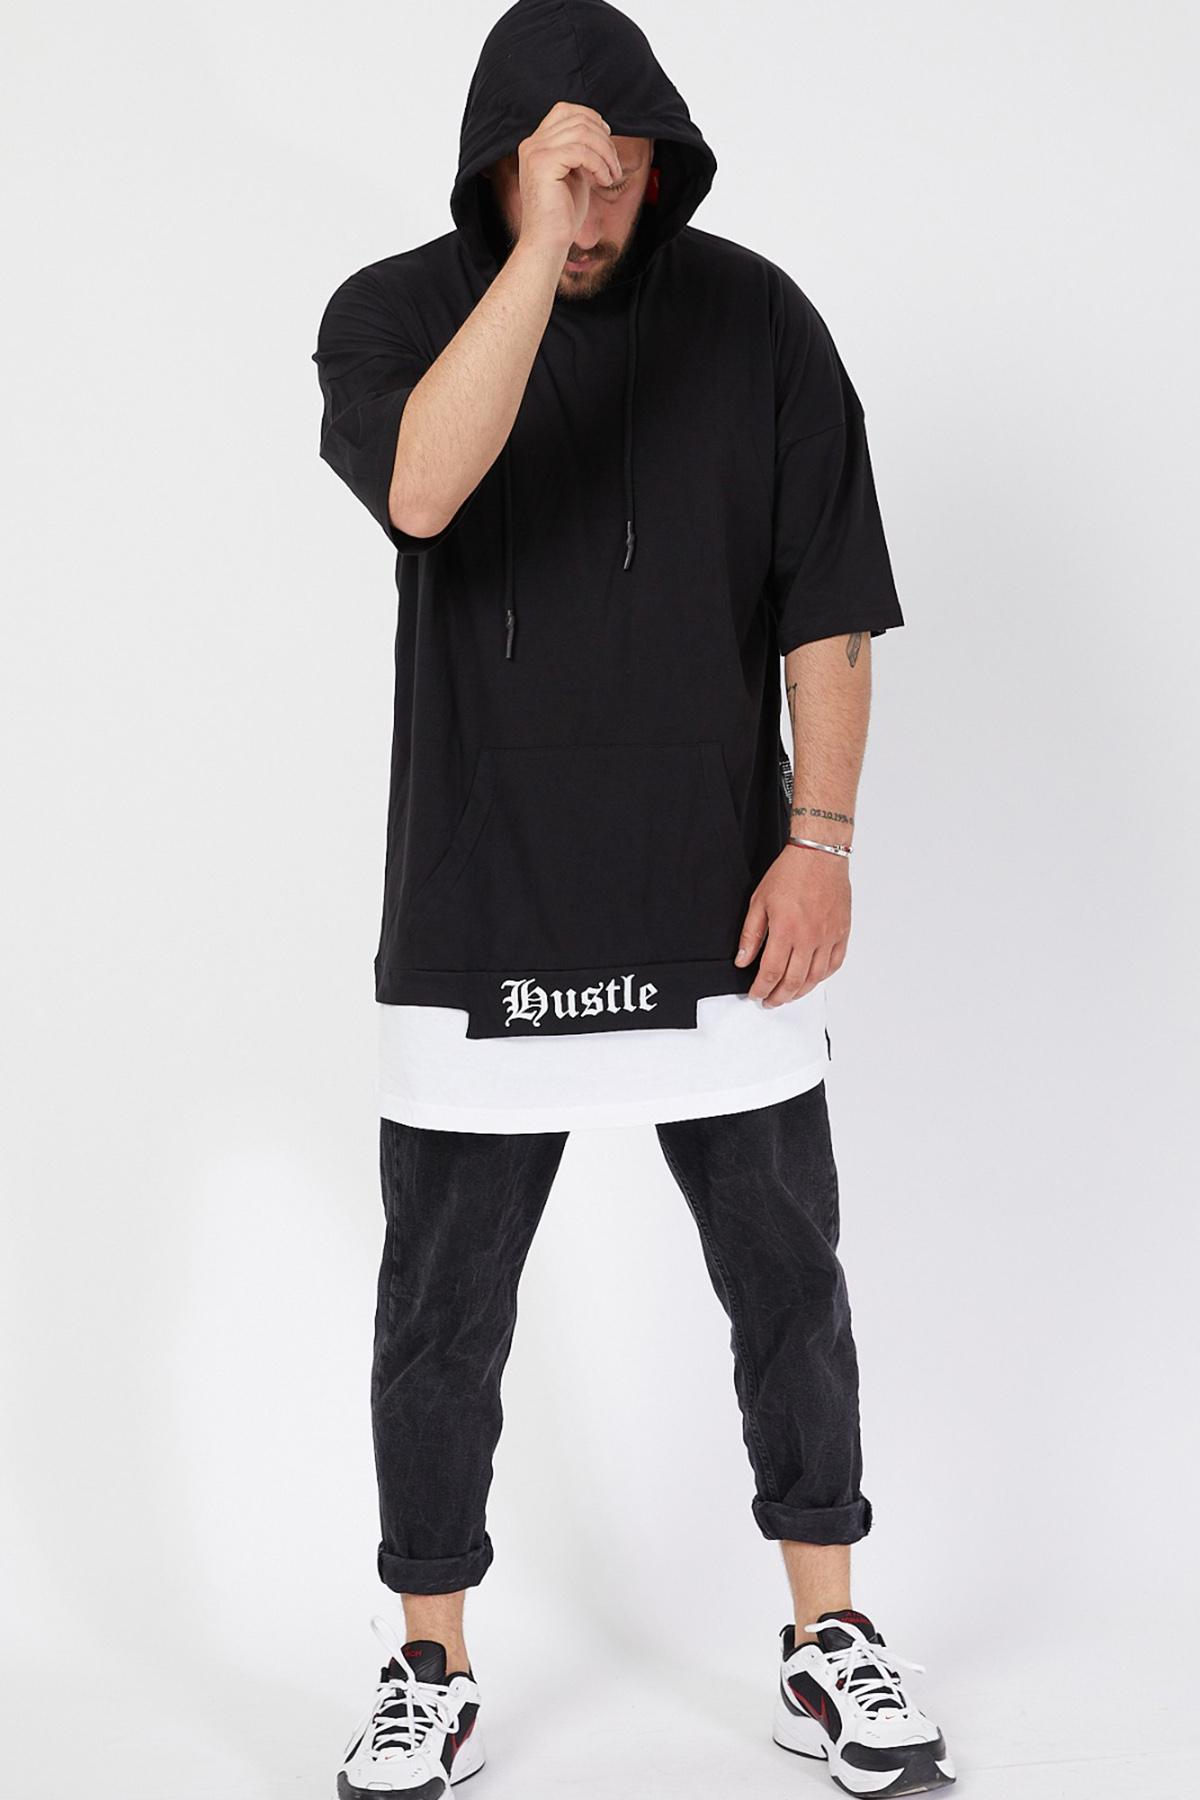 XHAN - Siyah Kısa Kol Sweatsihrt 1KXE8-44678-02